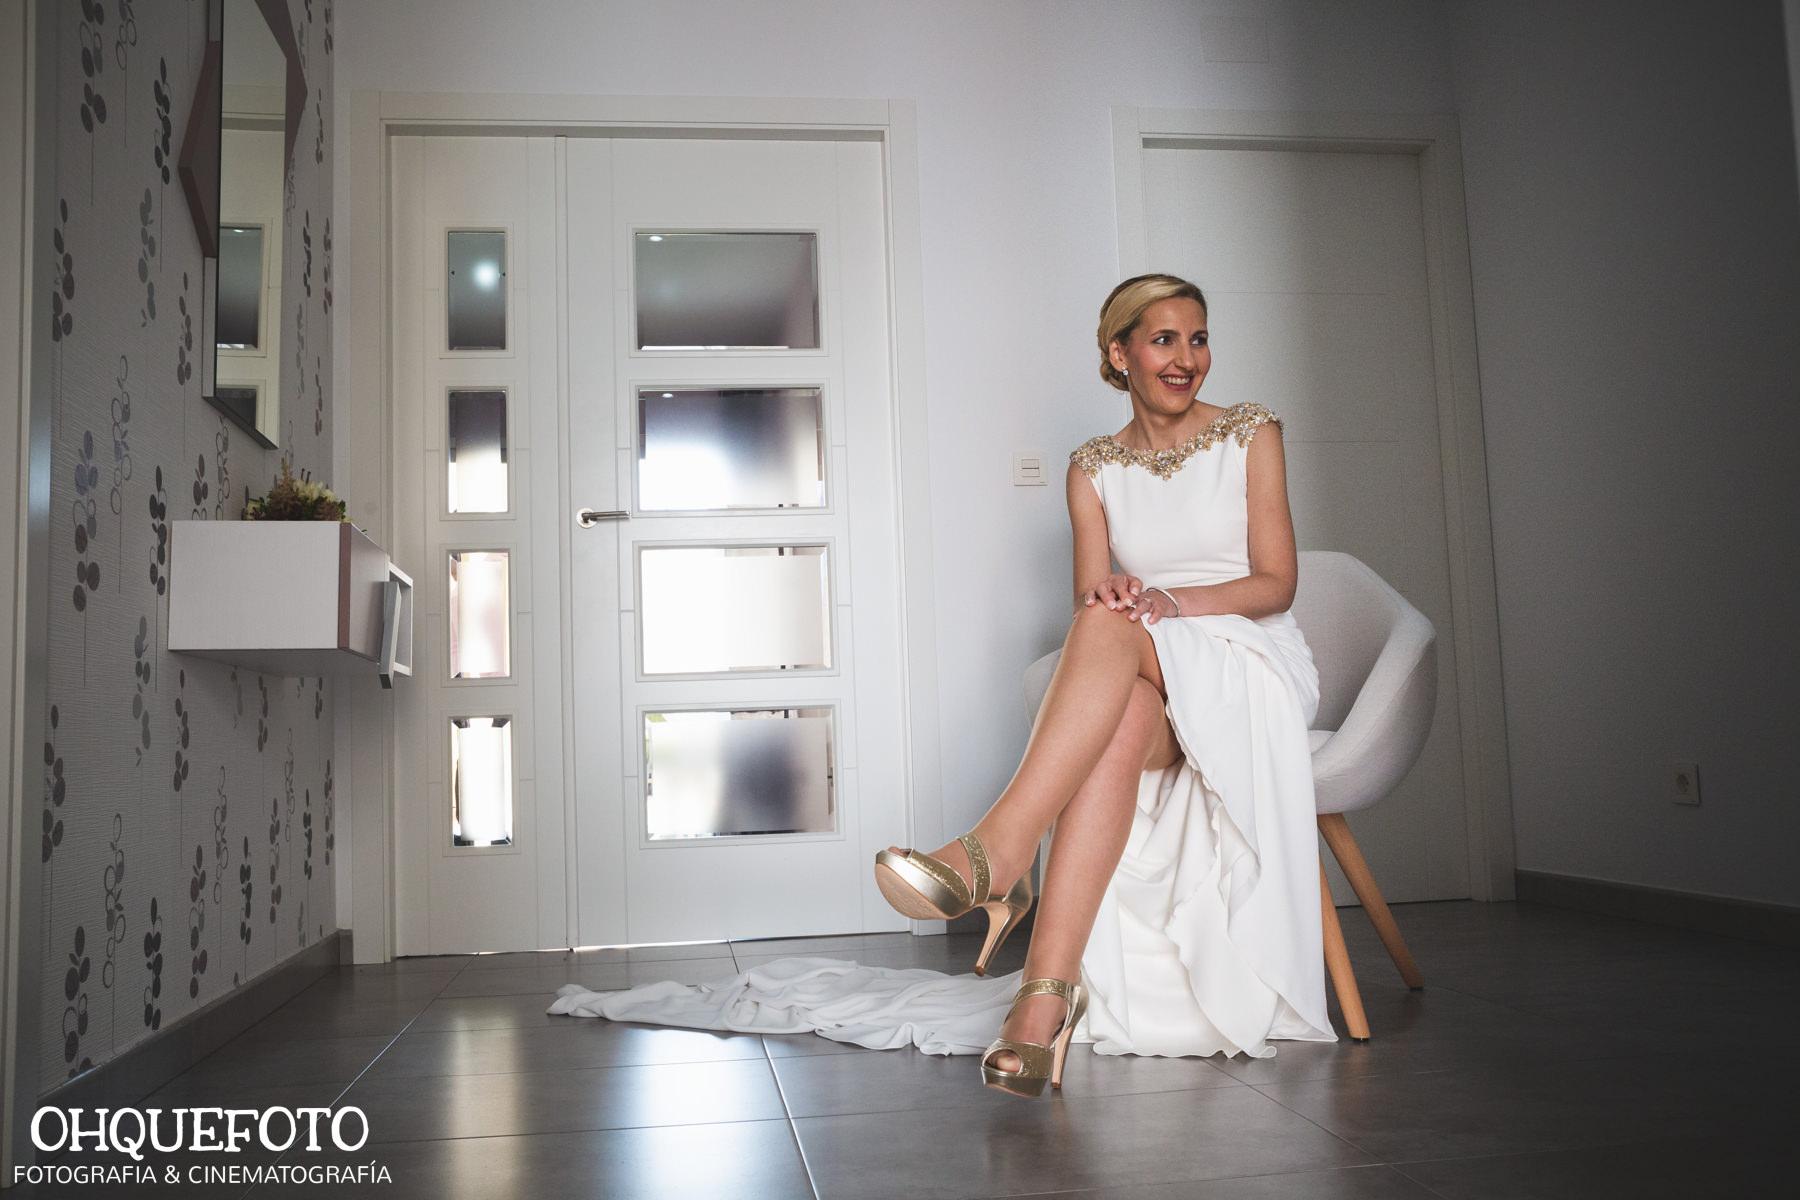 boda en la peraleda boda en cabeza del buey boda en capilla reportaje de bodas en almaden video de bodas en cordoba436 - Jose y Gema - Boda en Zarza Capilla y la Finca La Peraleda (Chillón)